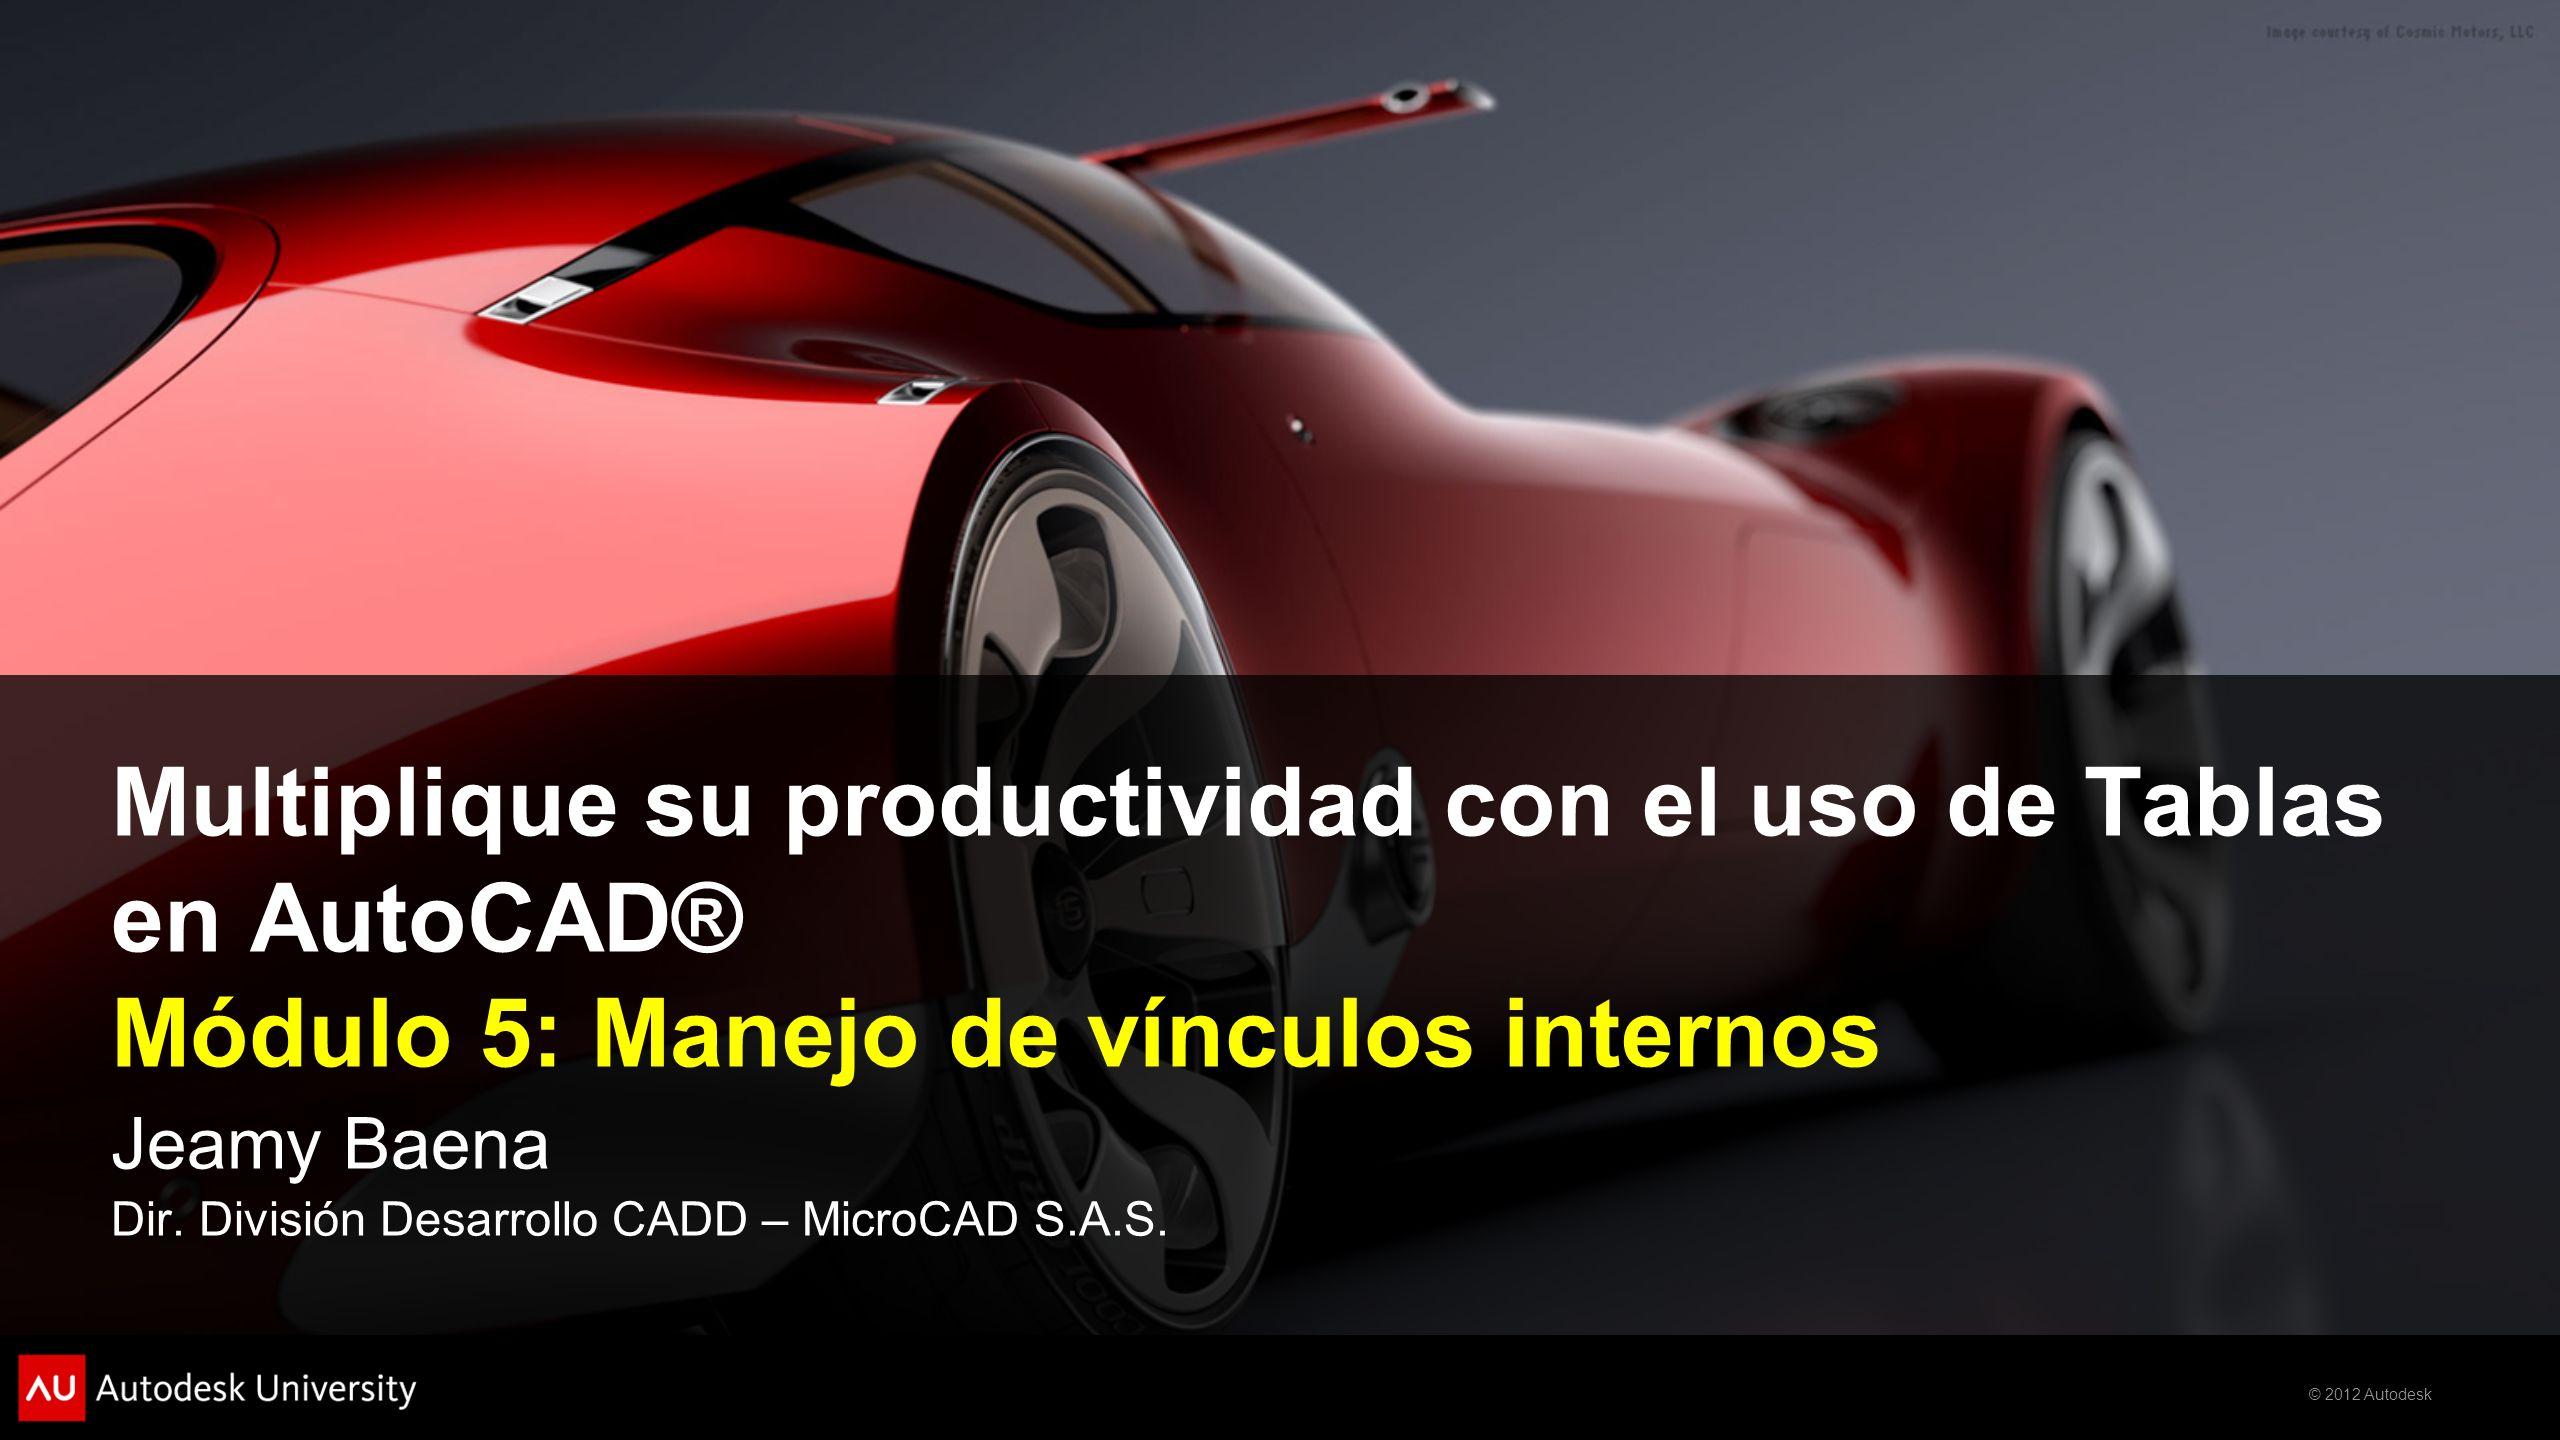 Multiplique su productividad con el uso de Tablas en AutoCAD® Módulo 5: Manejo de vínculos internos